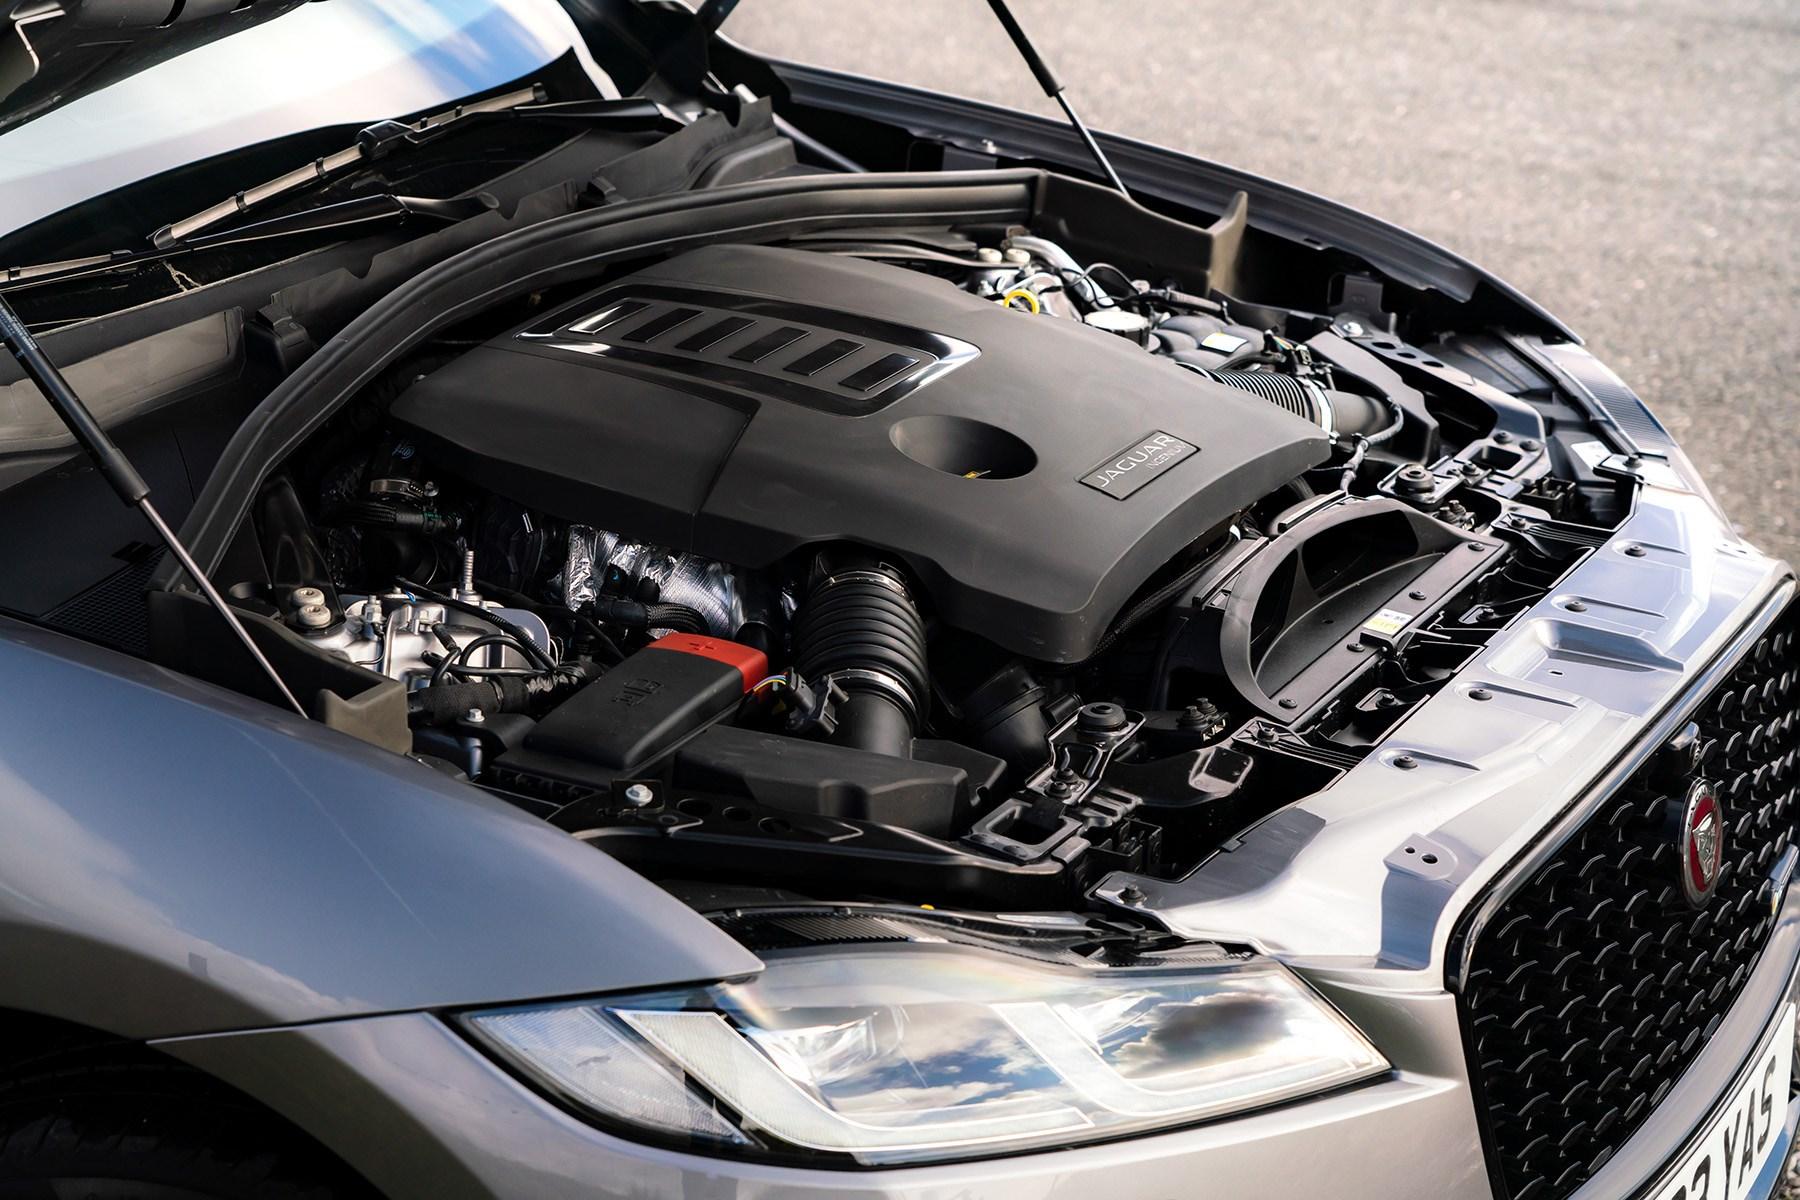 Jaguar F-Pace P400 engine 2021